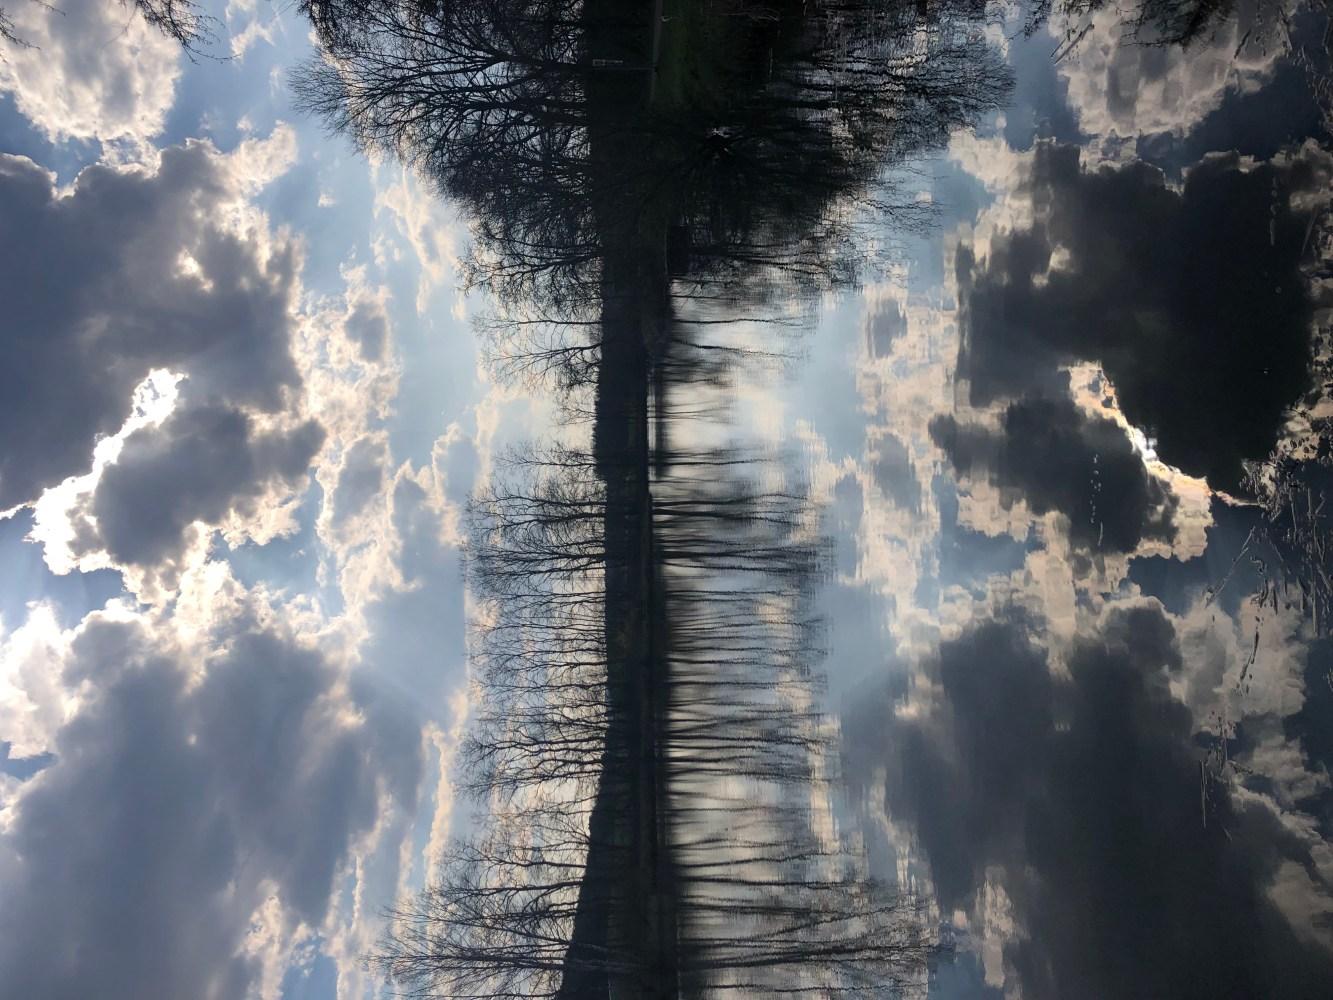 Reflexion des bewölkten Himmel auf der Oberfläche eines Weihers ->perfect reflections